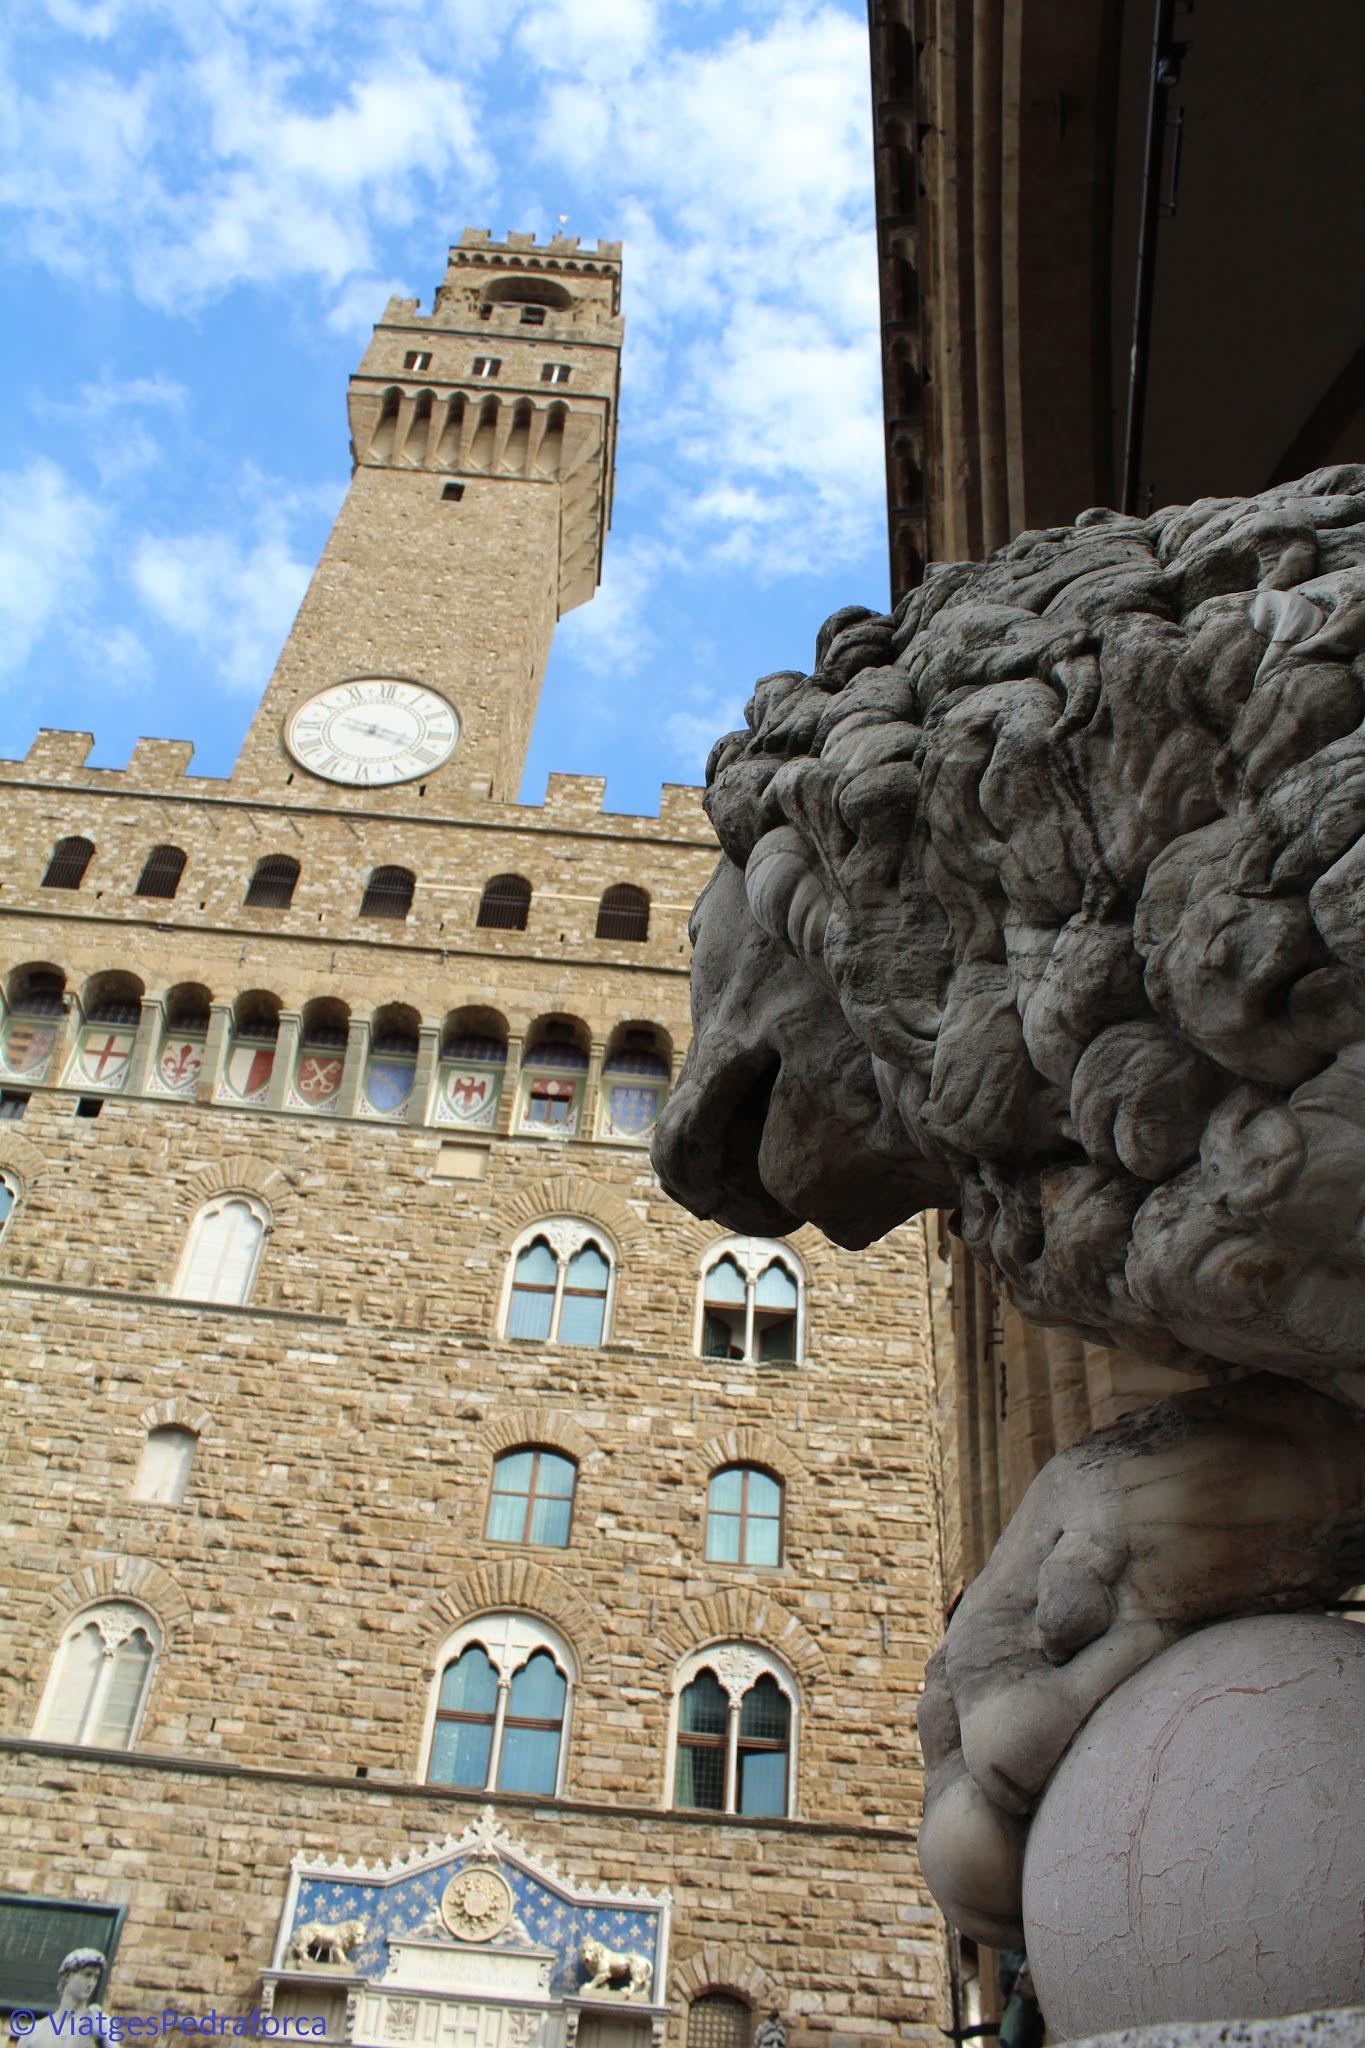 Piazza della Signoria, Centre Històric de Florència, Unesco, Patrimoni de la Humanitat, Toscana, Itàlia